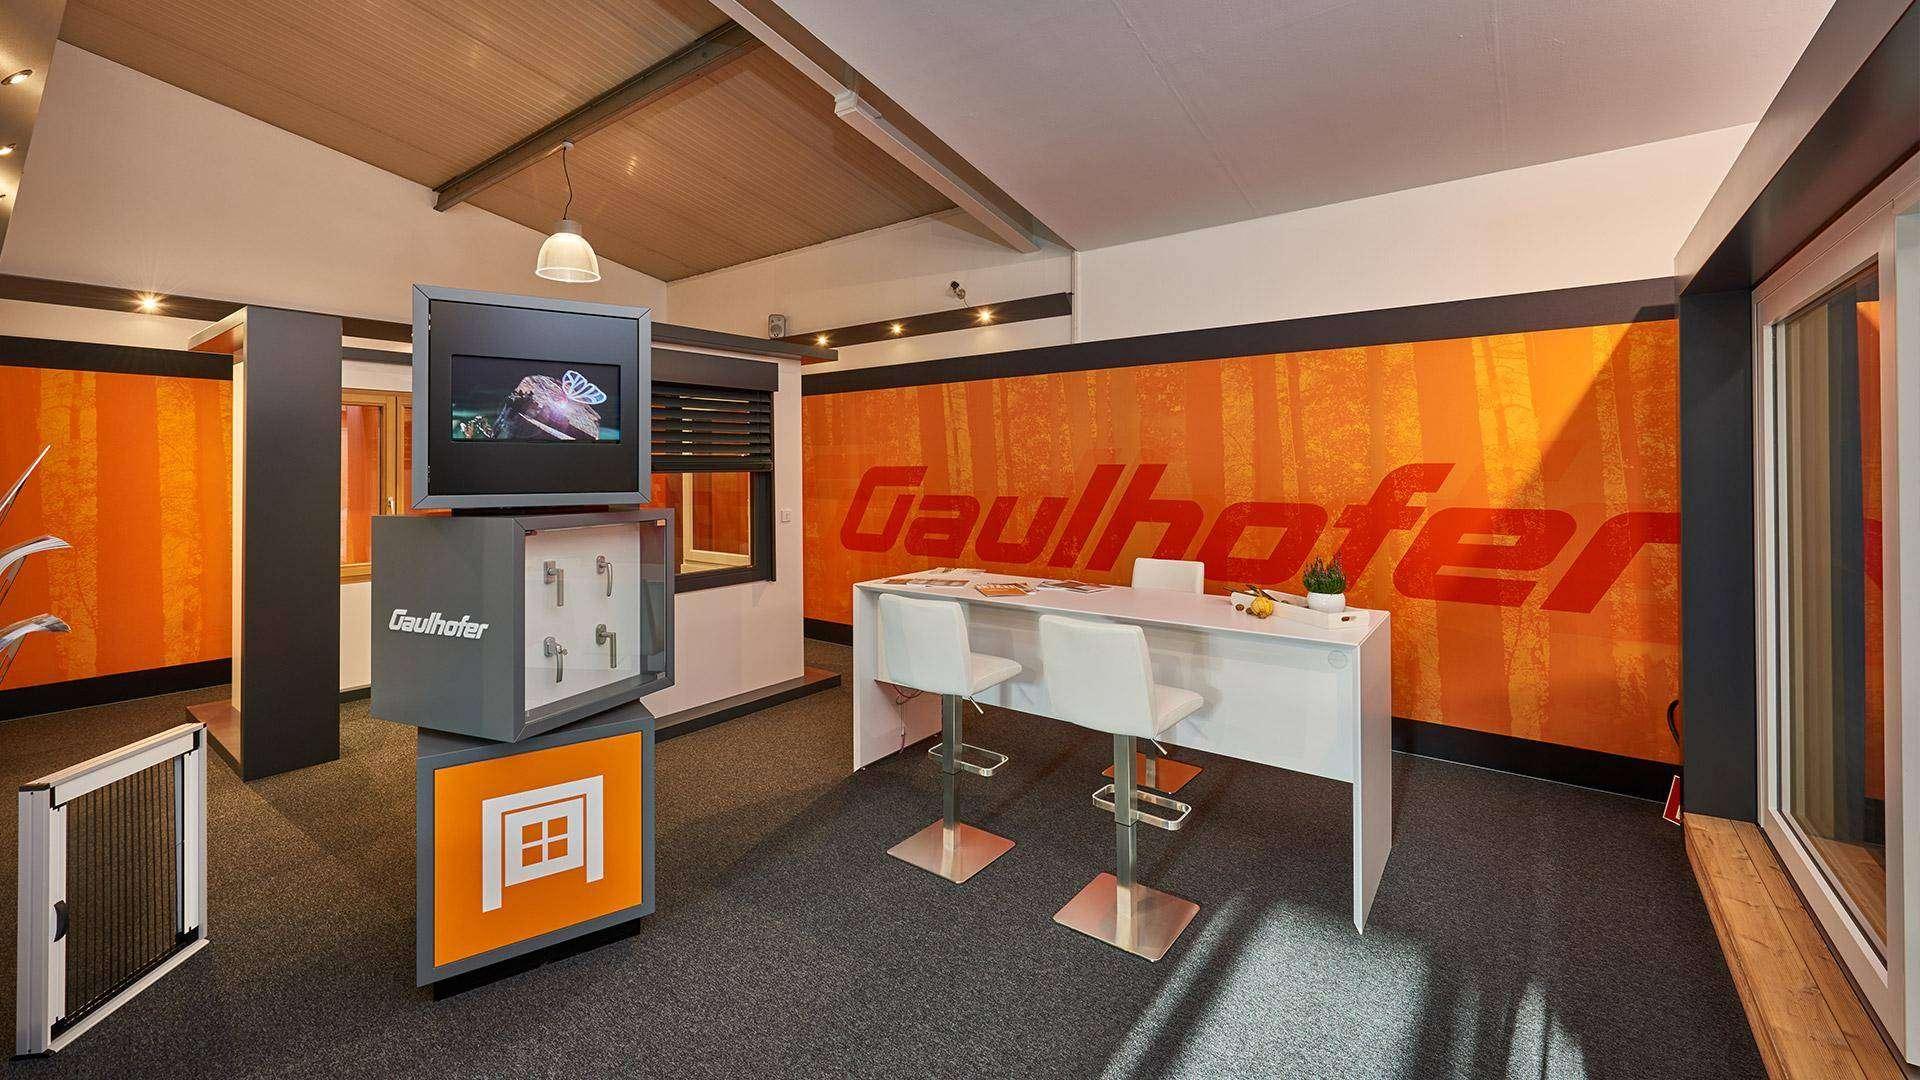 Besprechungstresen in der Nolden Ausstellung mit Gaulhofer-Werbung im Hintergrund